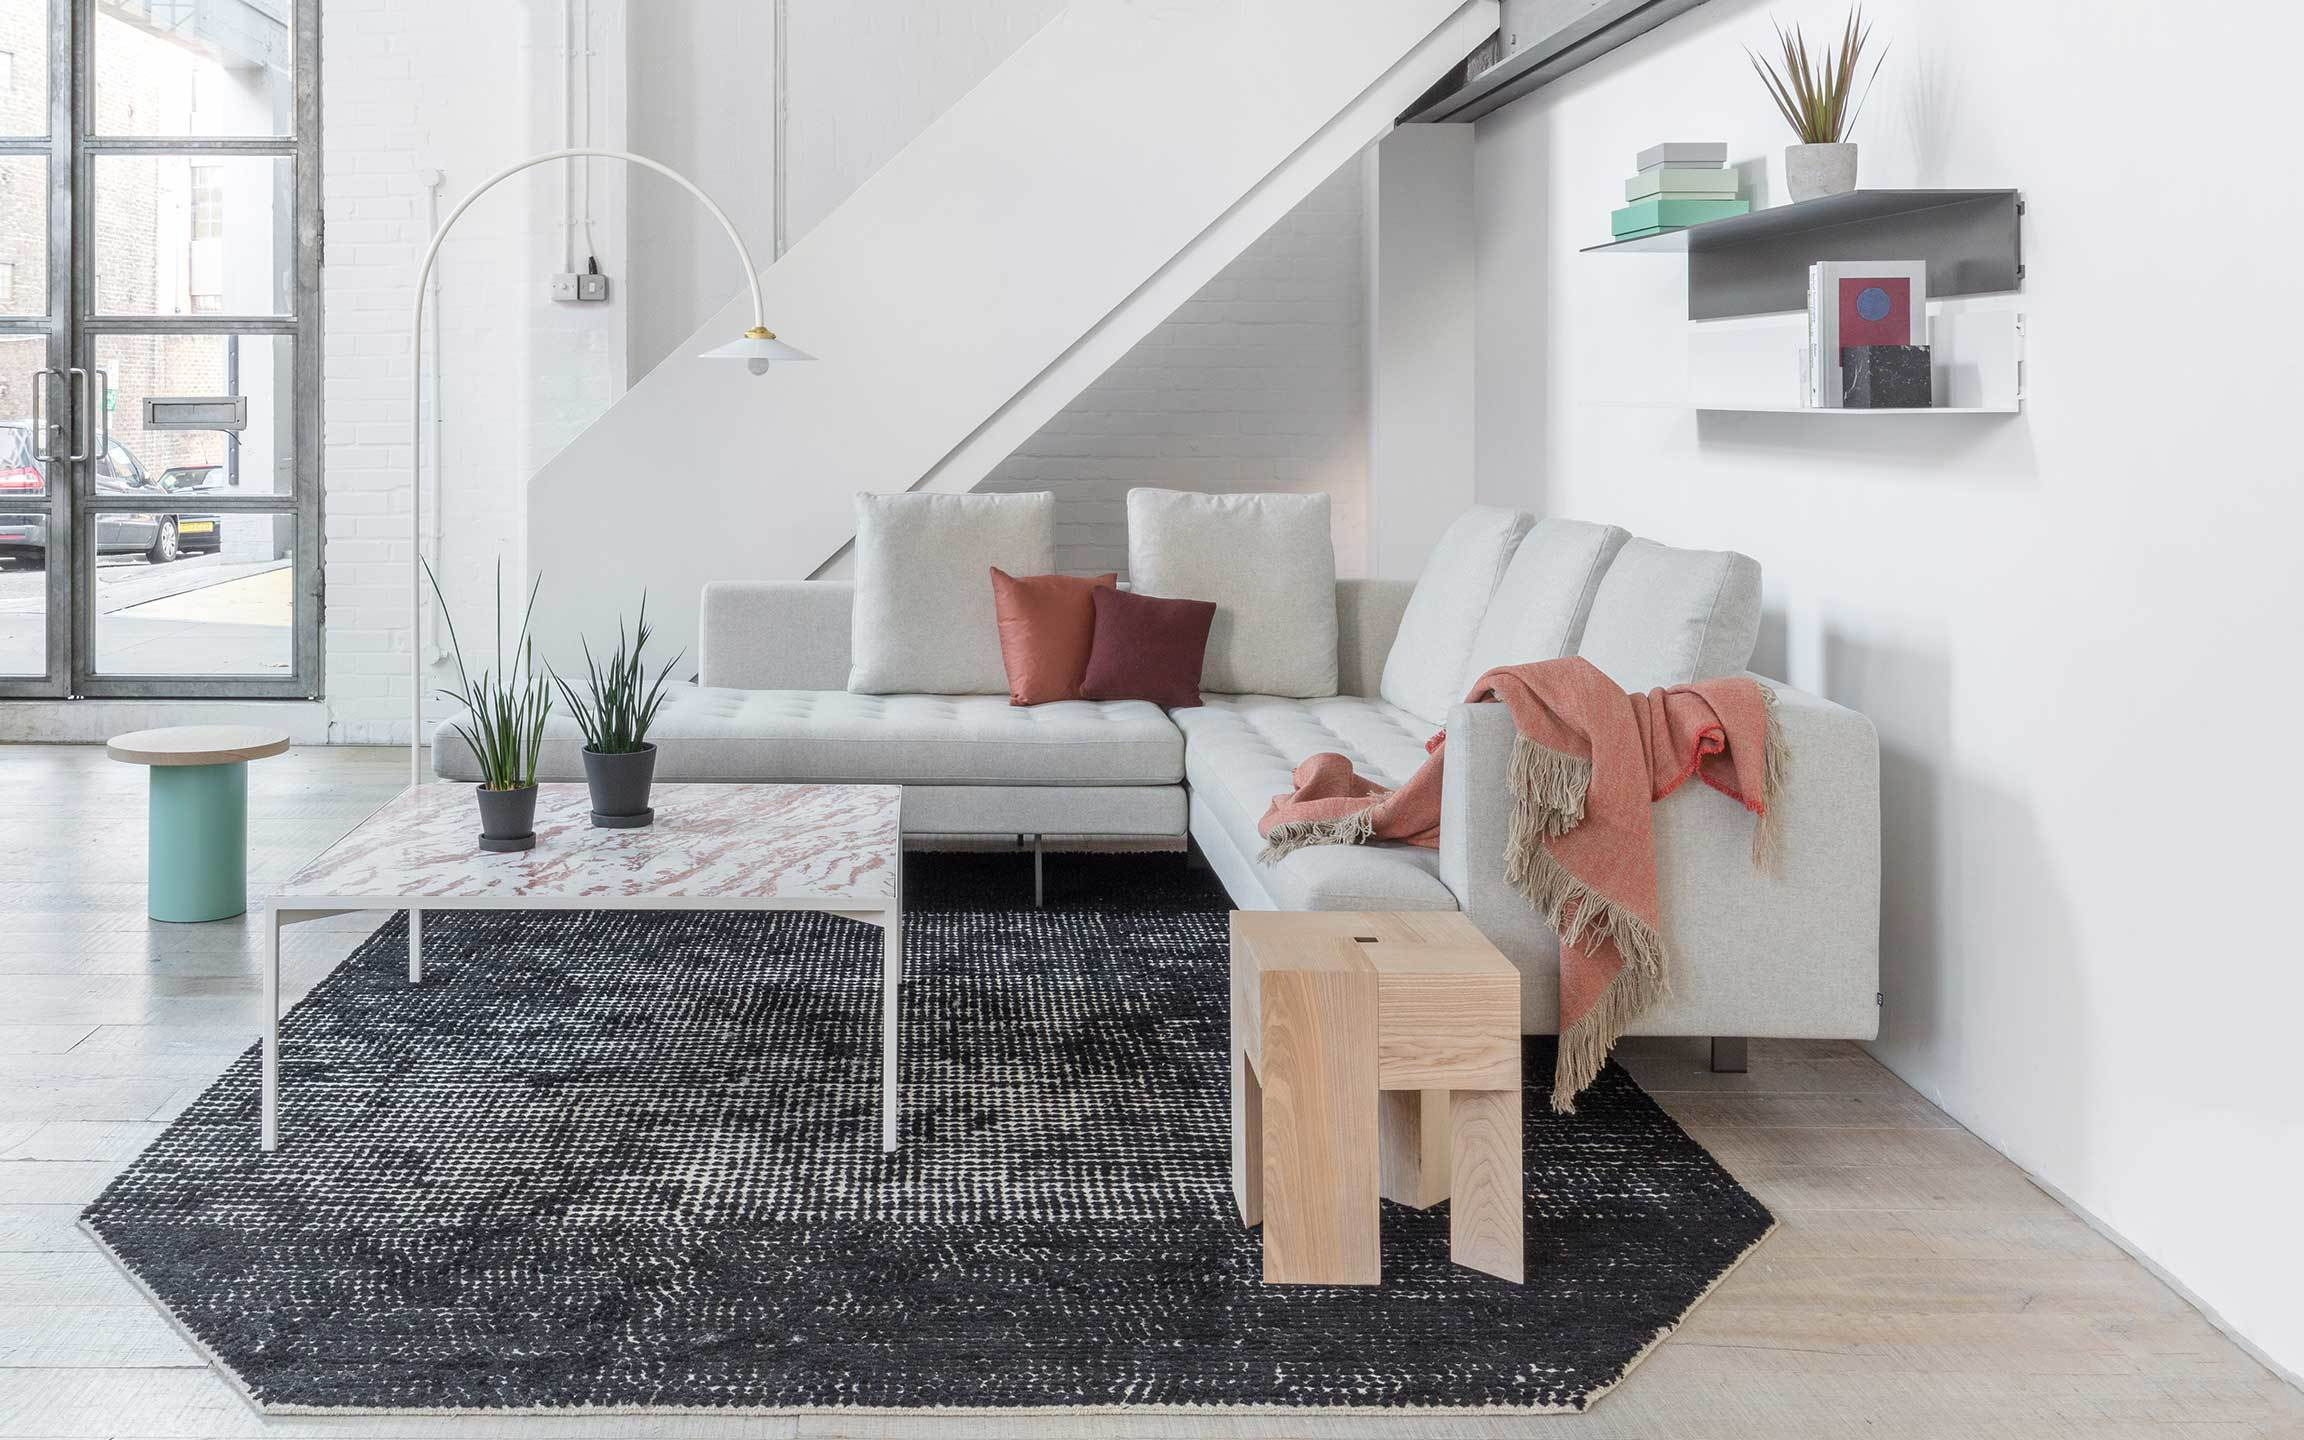 Sofas catalogue image